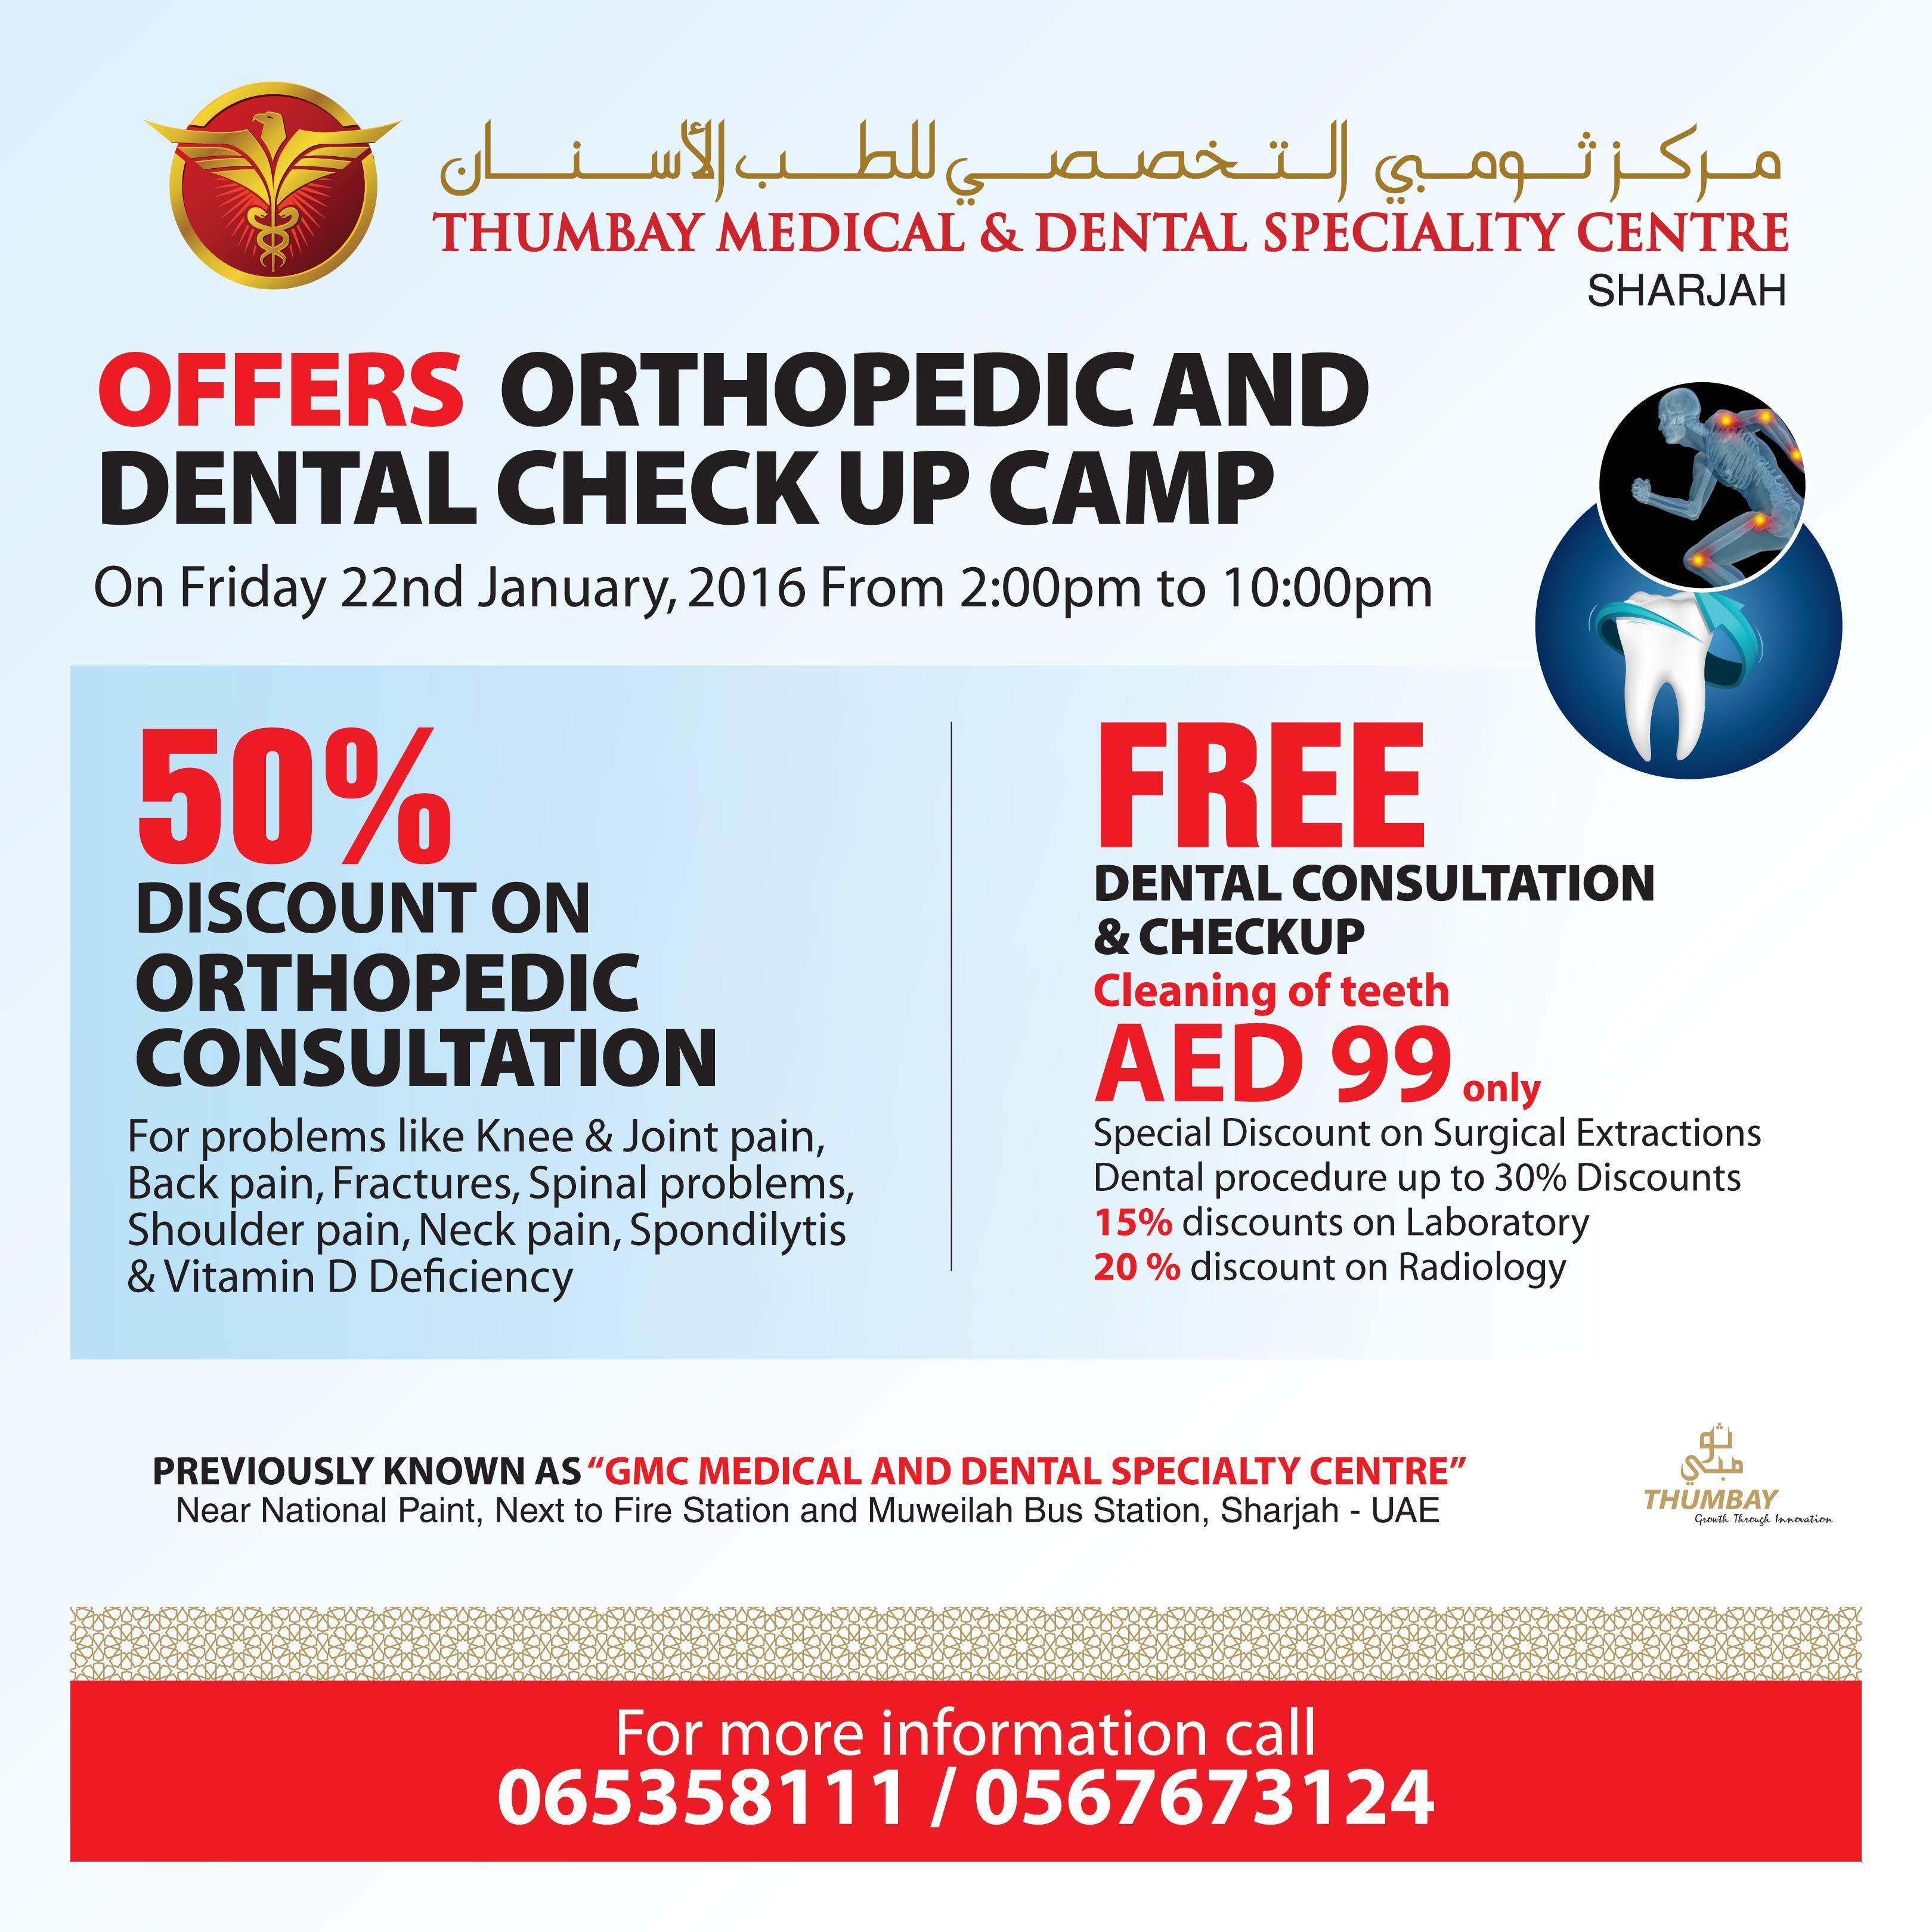 Orthopedic And Dental Check Up Camp At Thumbay Medical Dental